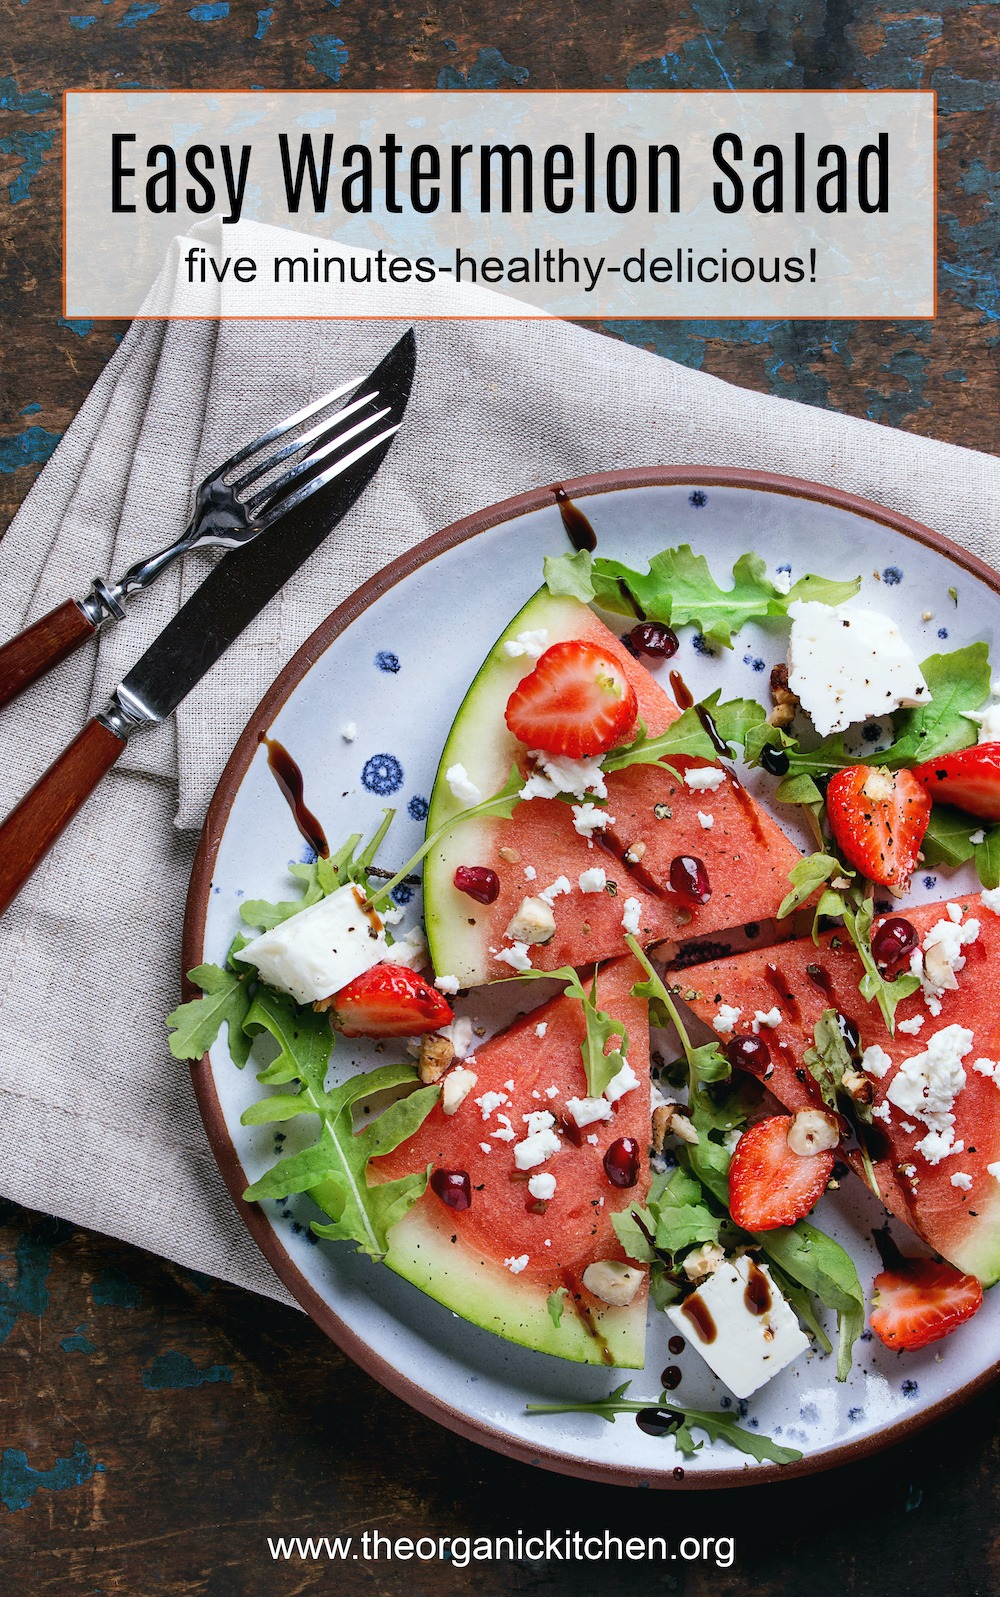 Salade de pastèque facile avec feta et légumes verts sur plaque bleue